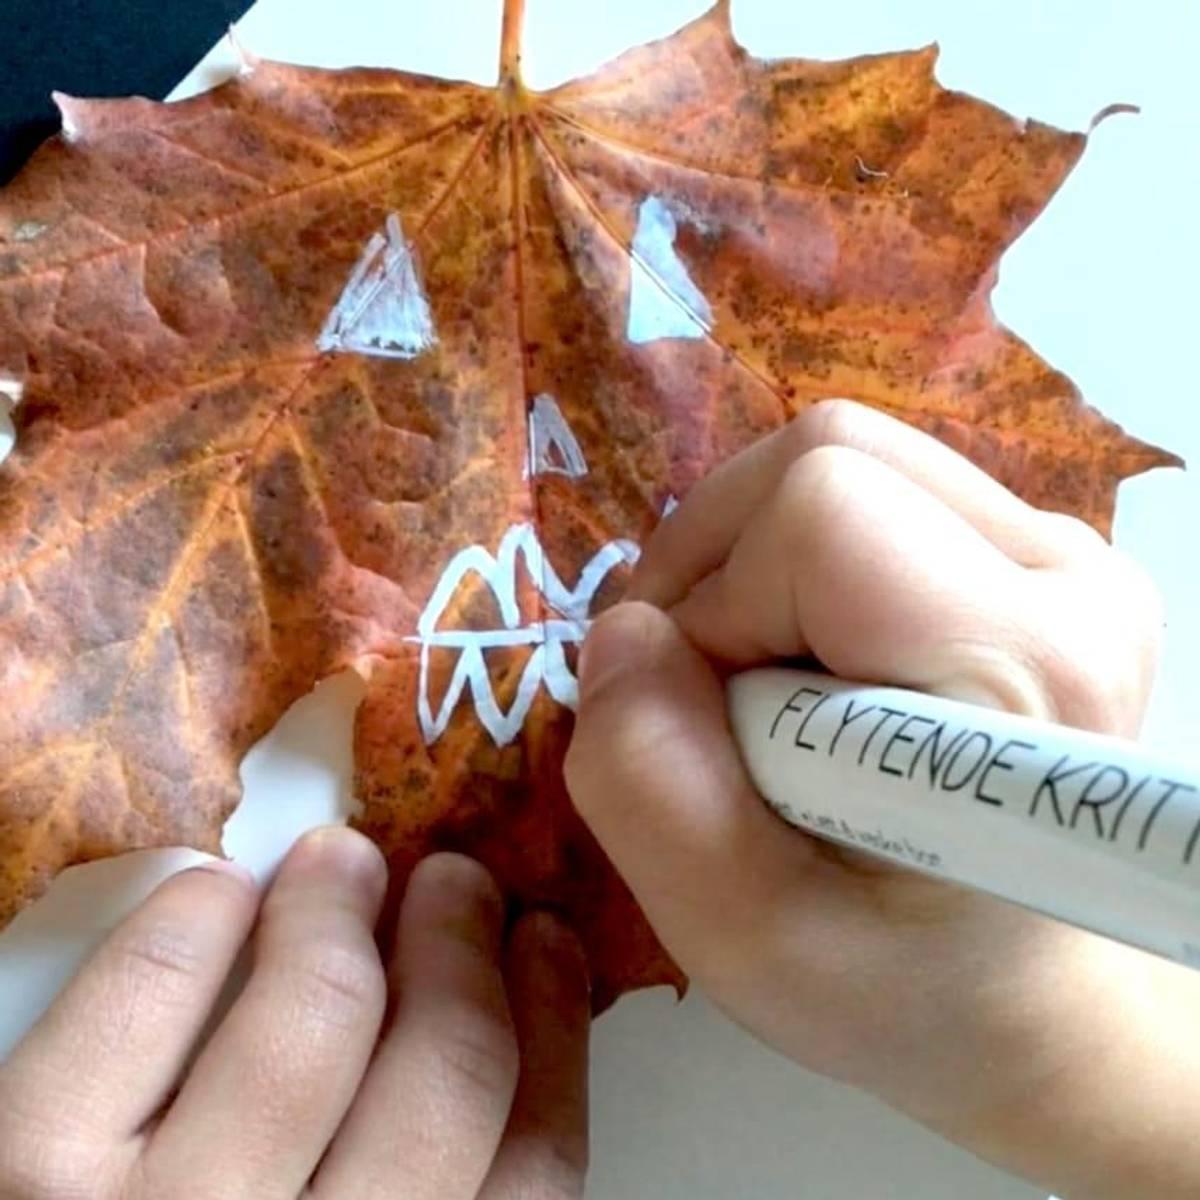 FLYTENDE KRITT - Skriv på speil, vinduer, kopper, glass